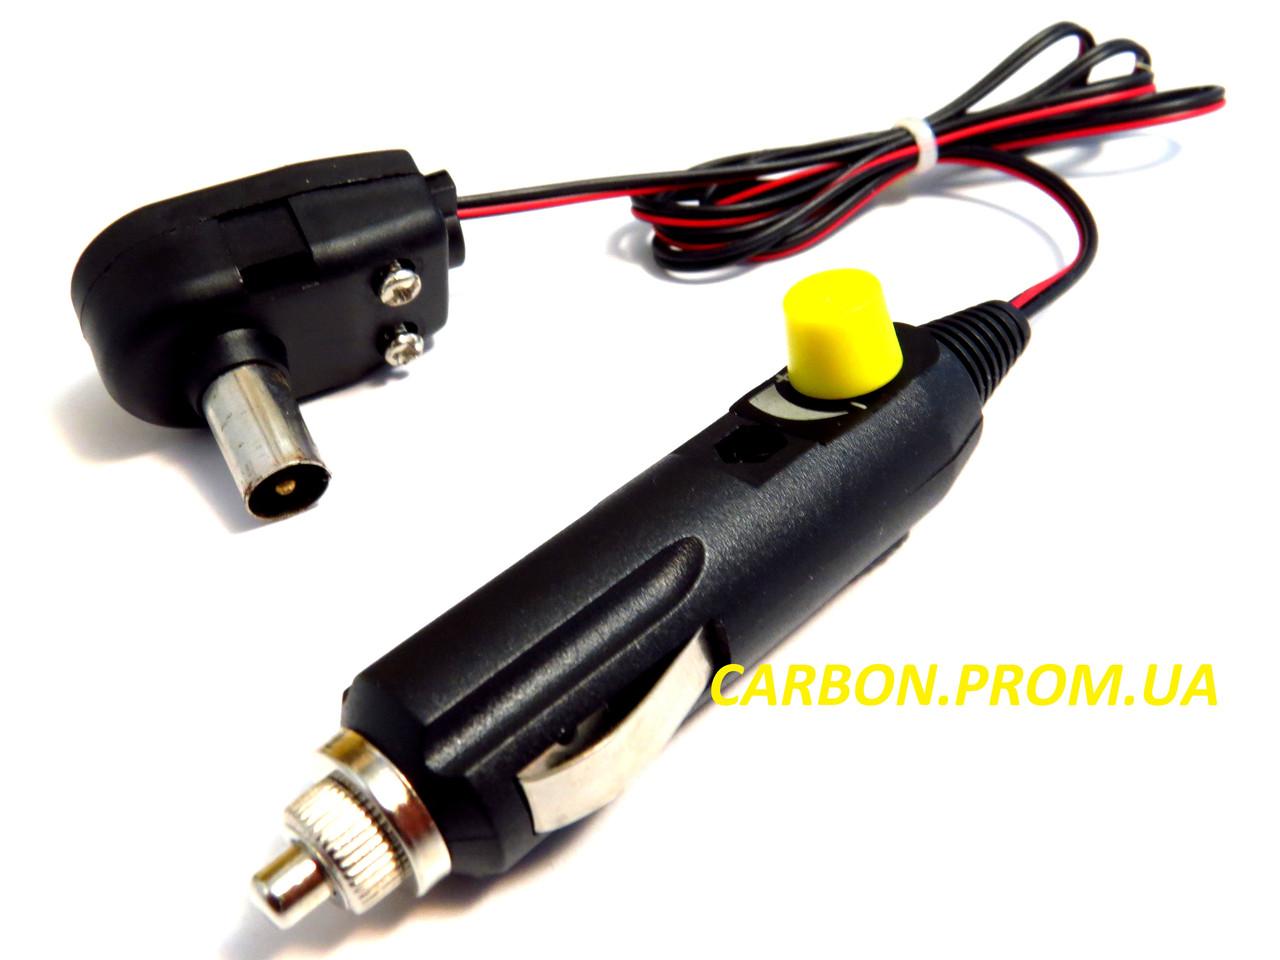 Автомобильный штекер для телевизионной антенны АТВ-3А Корона